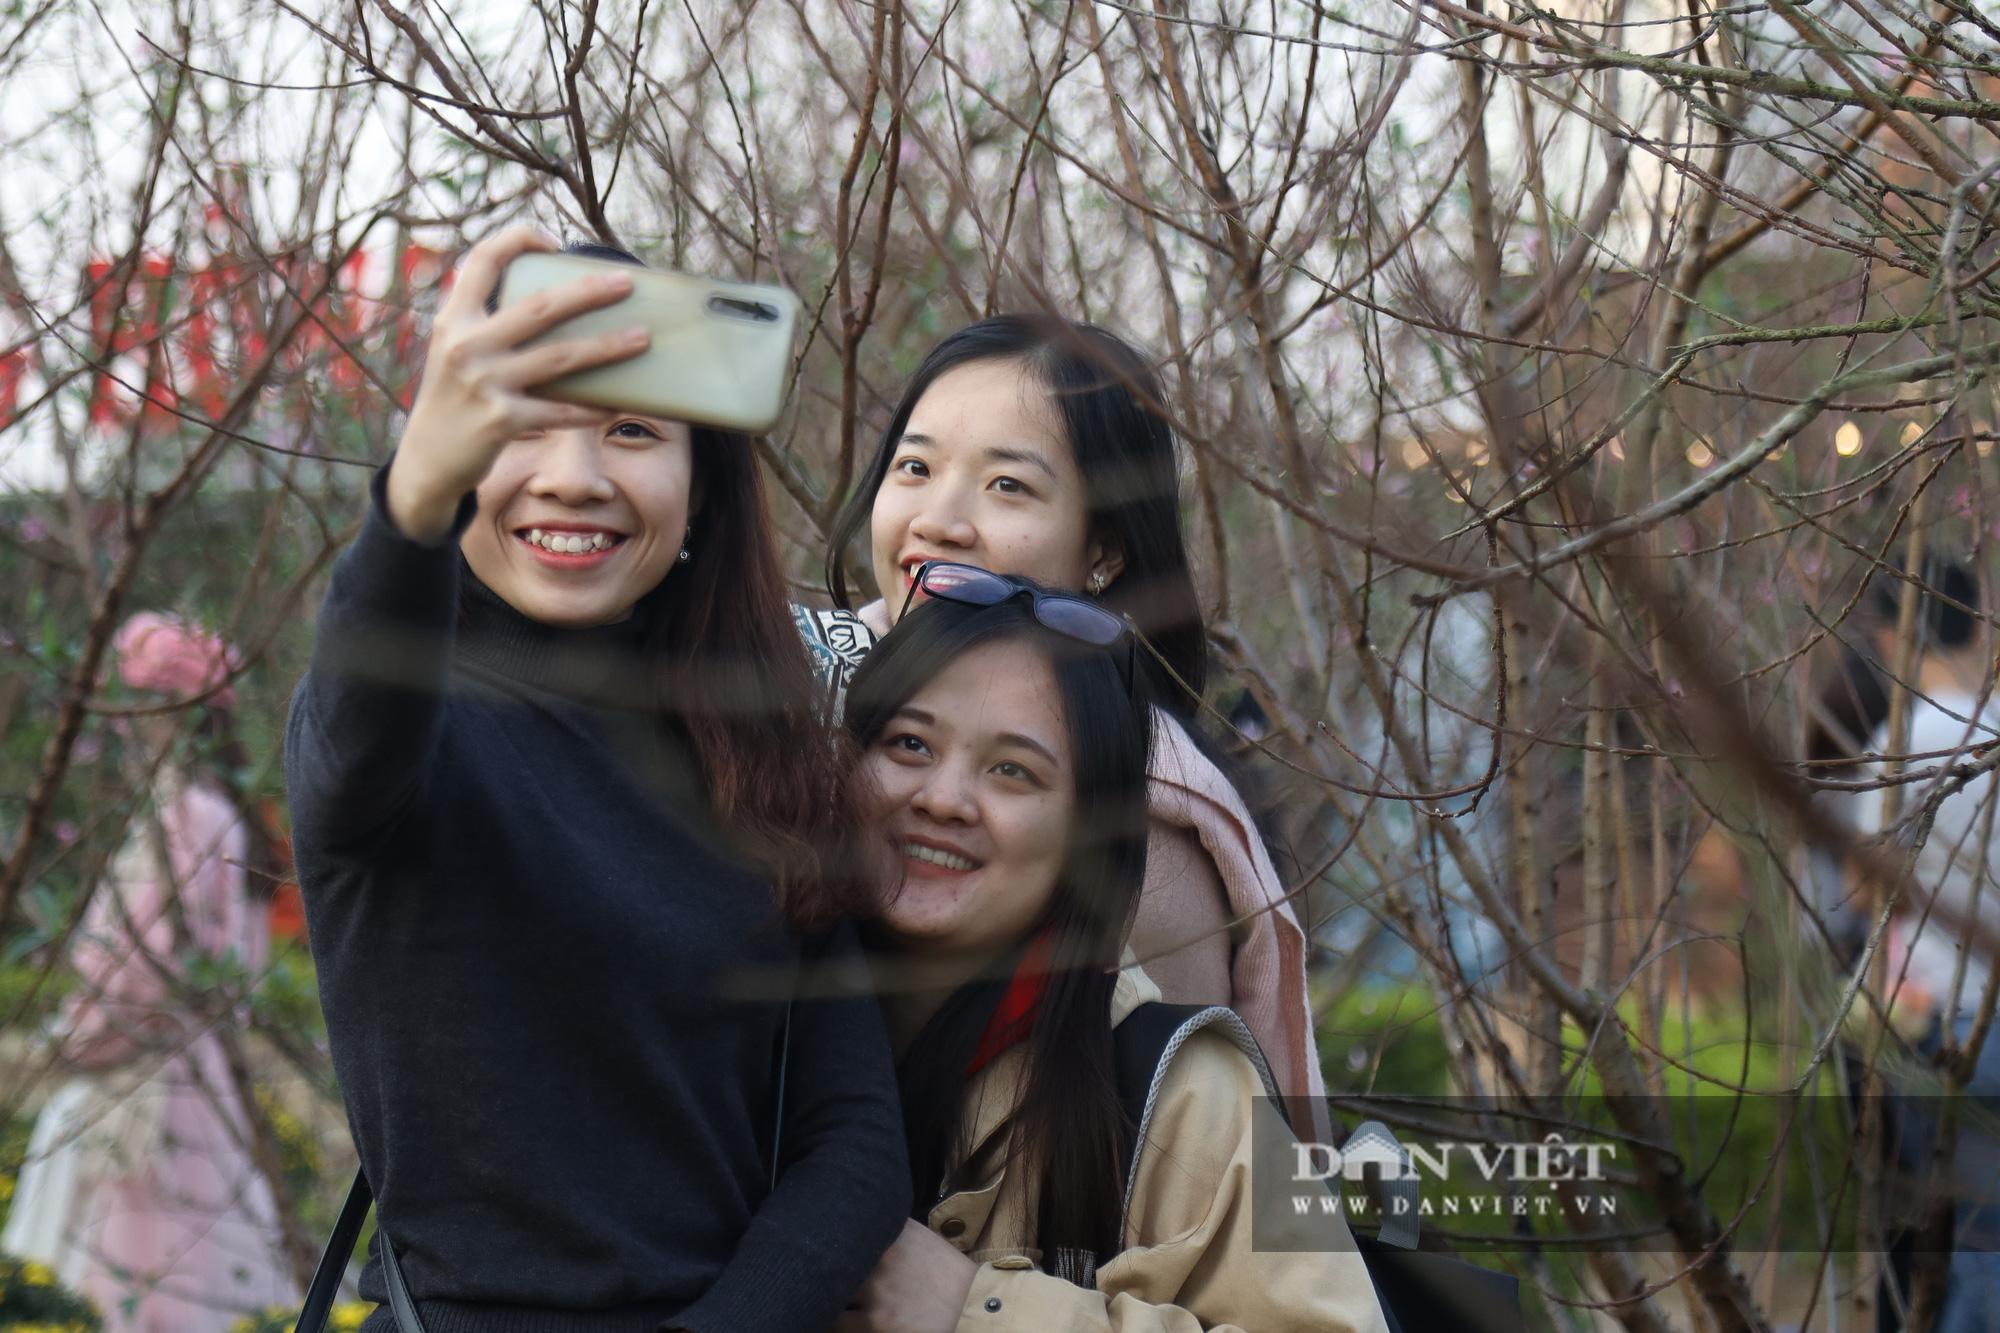 Người Hà Nội nô nức chụp ảnh check-in hoa đào từ Tết Dương lịch - Ảnh 3.